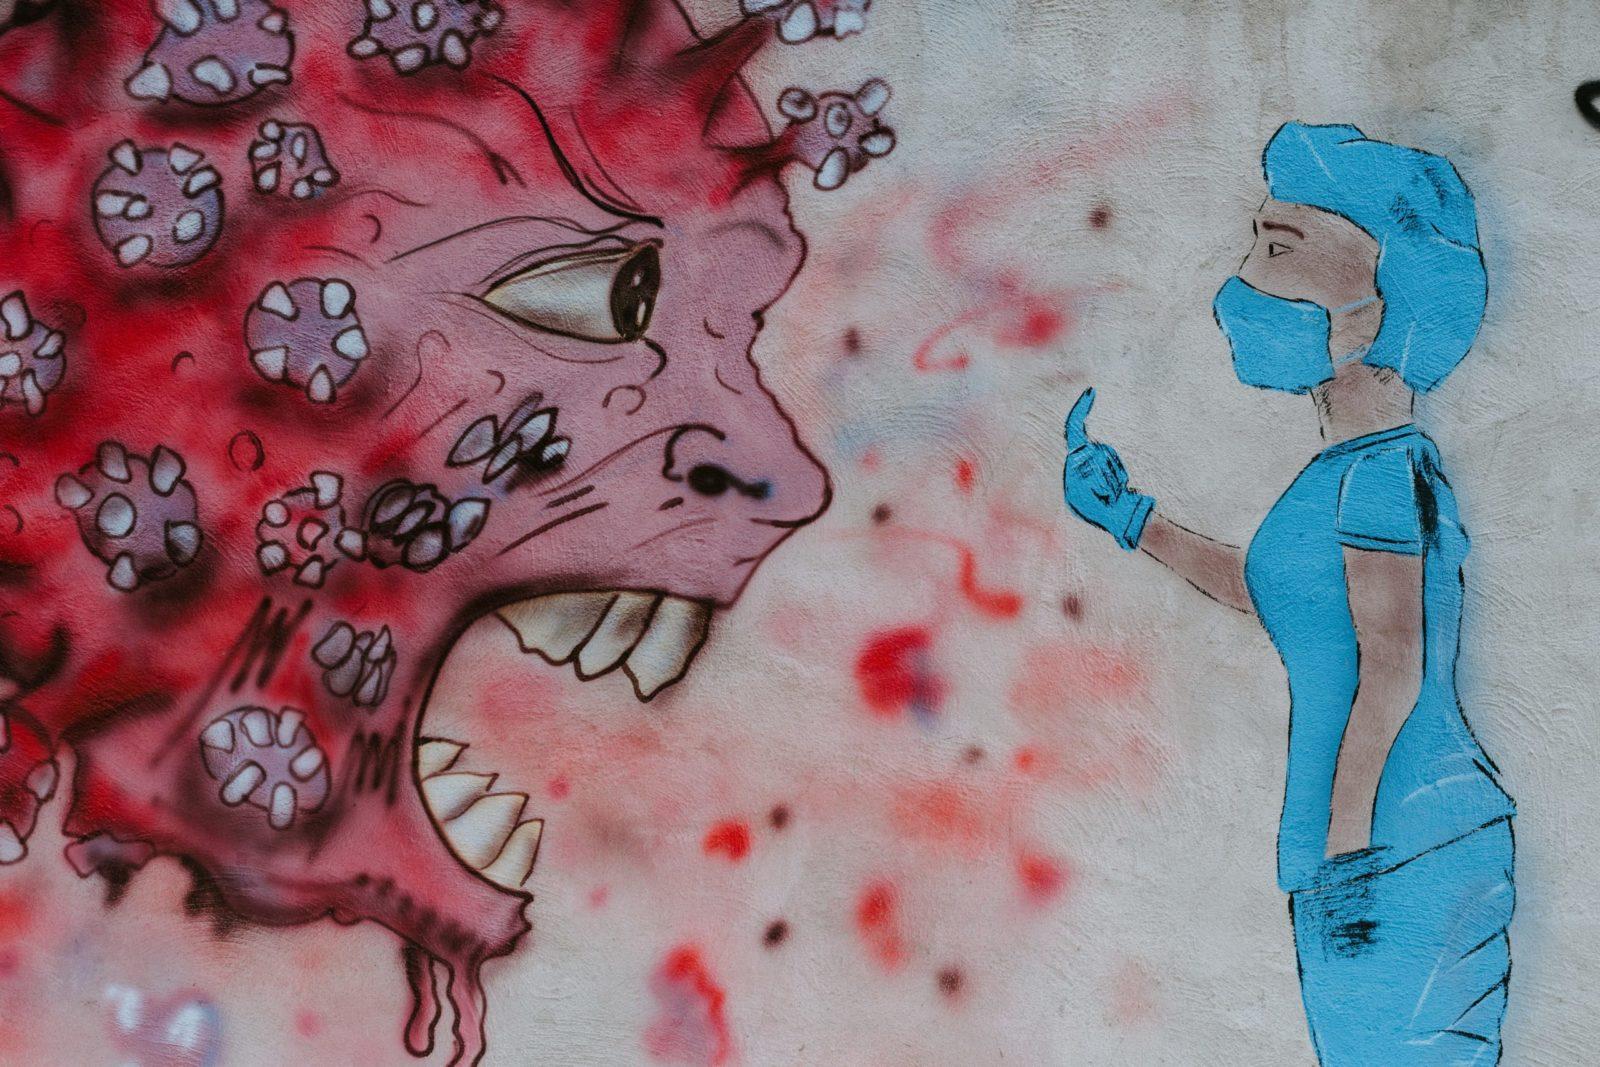 Graffiti auf Hauswand: Eine in Schutzkleidung gekleidete Person zeigt einem Cartoon-Coronavirus (mit großen Augen und scharfen Zähnen) den Mittelfinger.